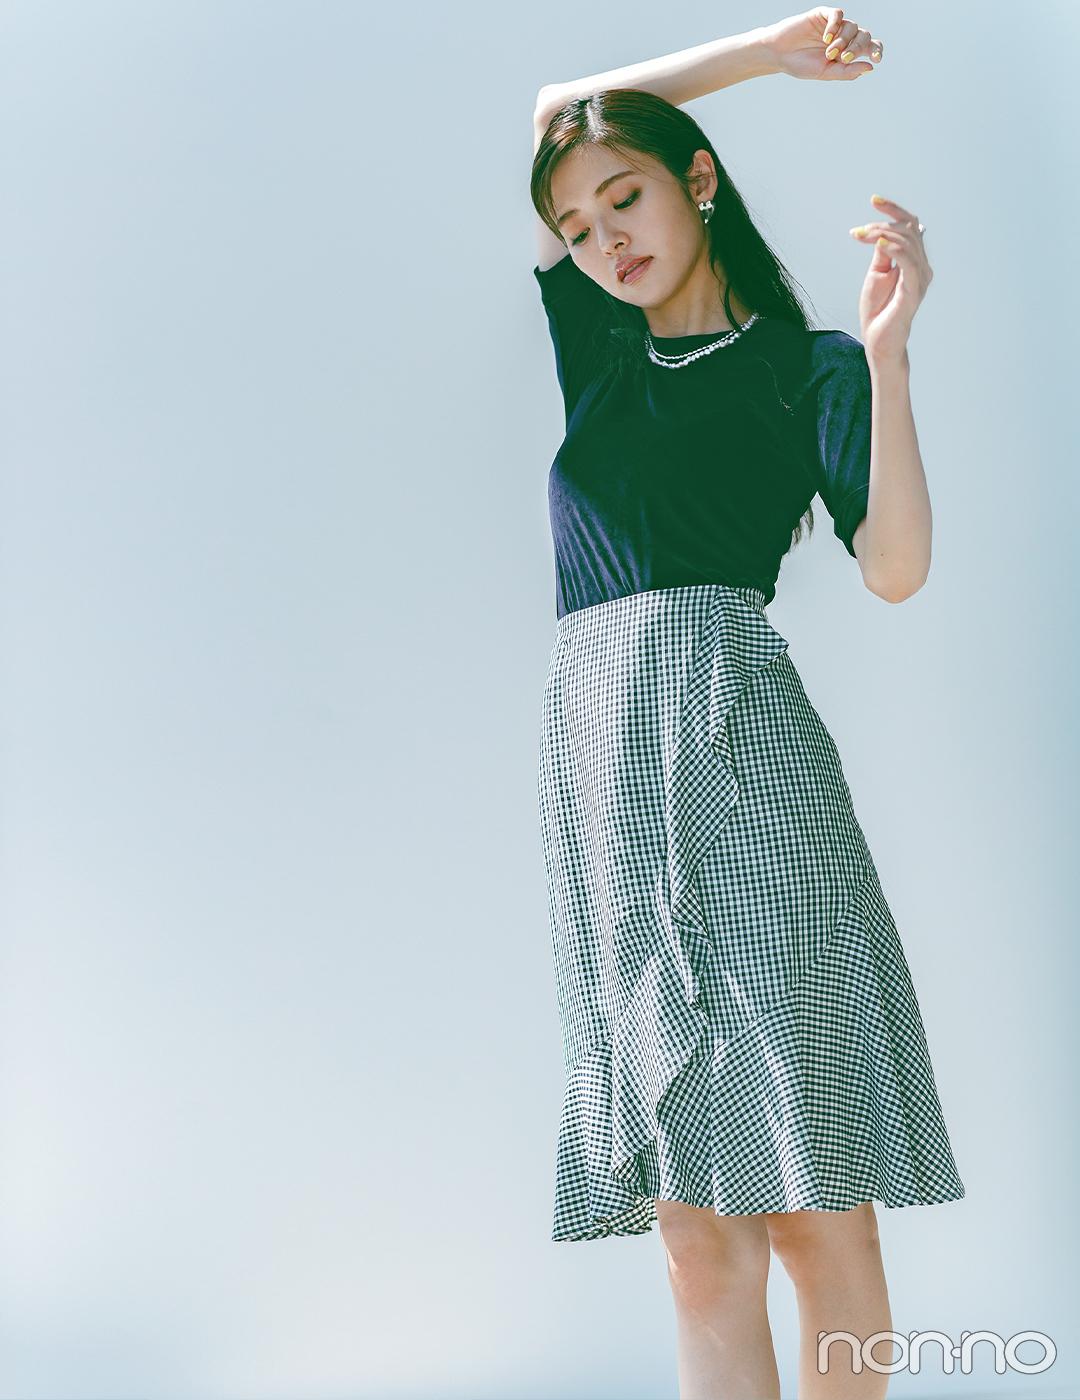 ギンガムチェックのスカートは色を抑えて大人の甘めスタイルに【大学生の毎日コーデ】